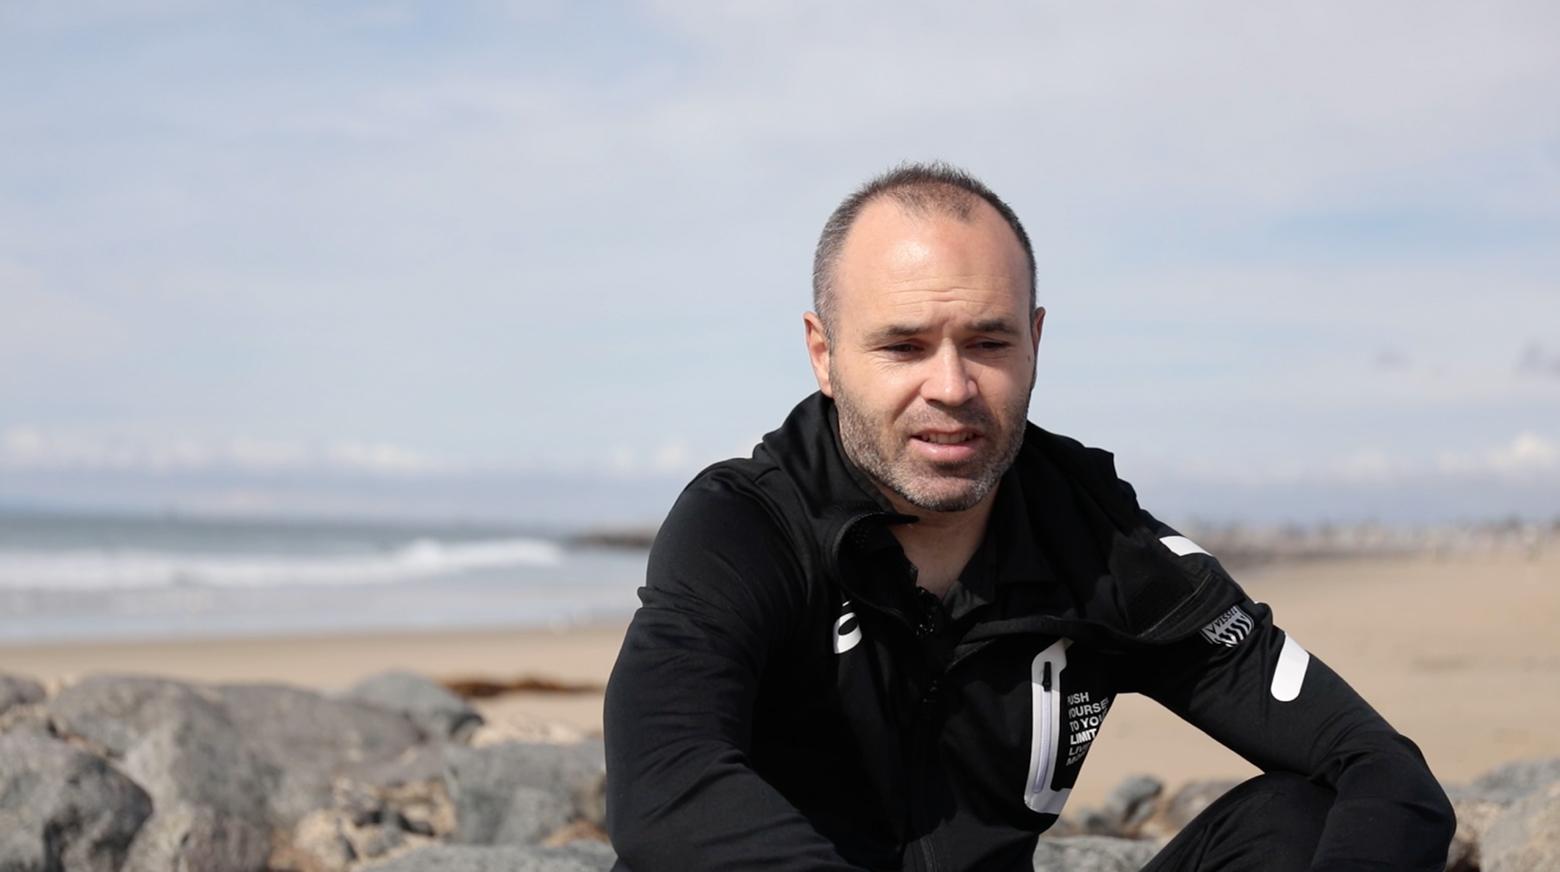 Iniesta TV: Interviews Episode 15: On the beach #1